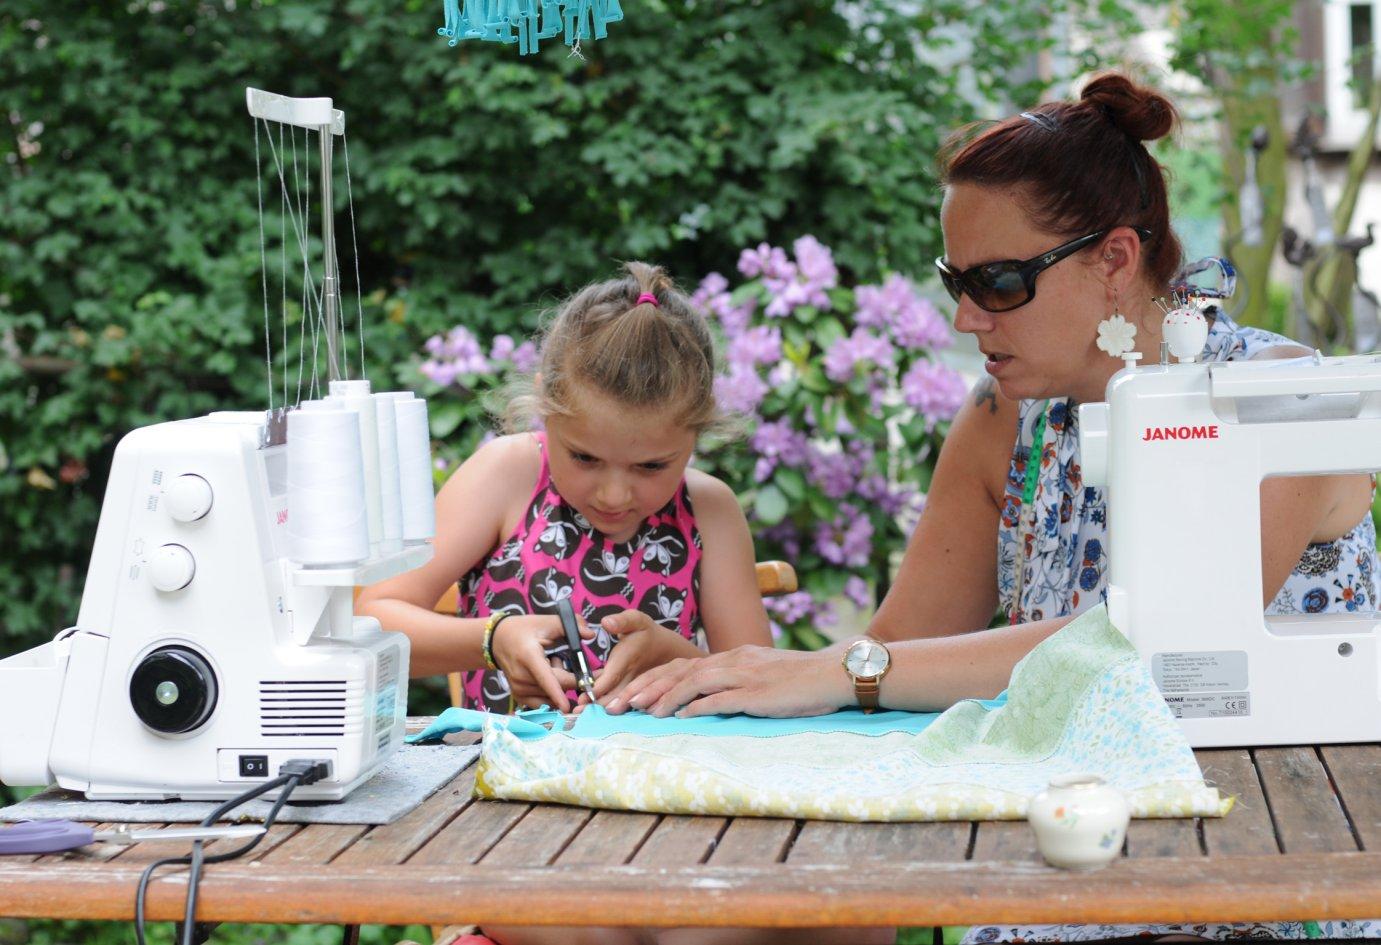 Näh-Workshop bei  Tag des Offenen Gartens